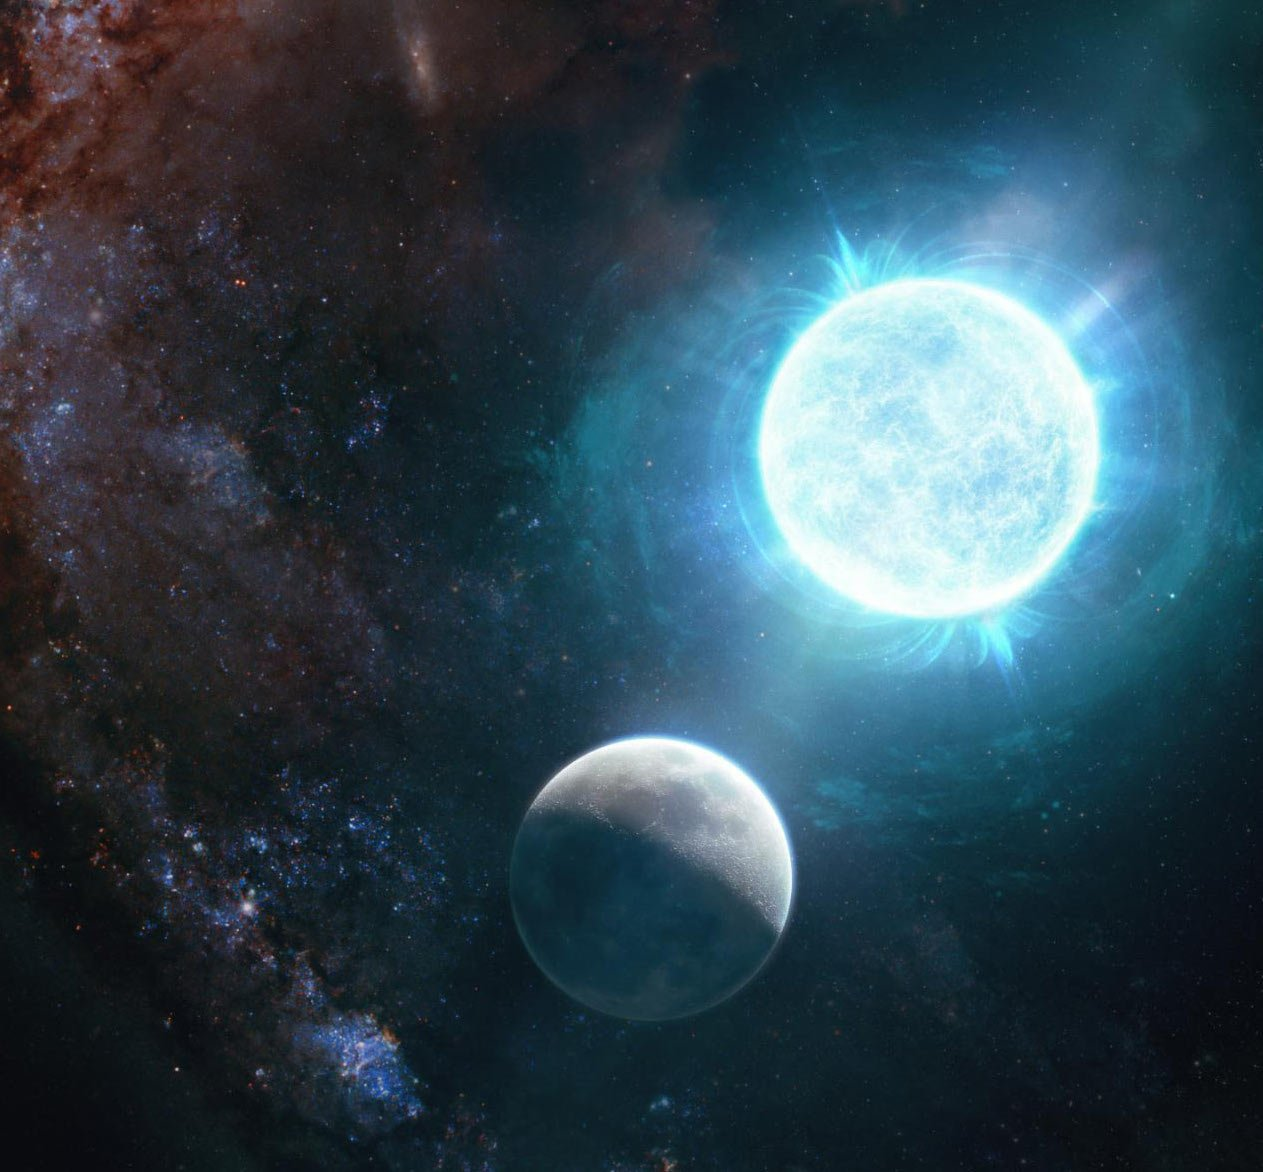 奇特的白矮星ZTF J1901+1458和月亮的對照圖。(Giuseppe Parisi)